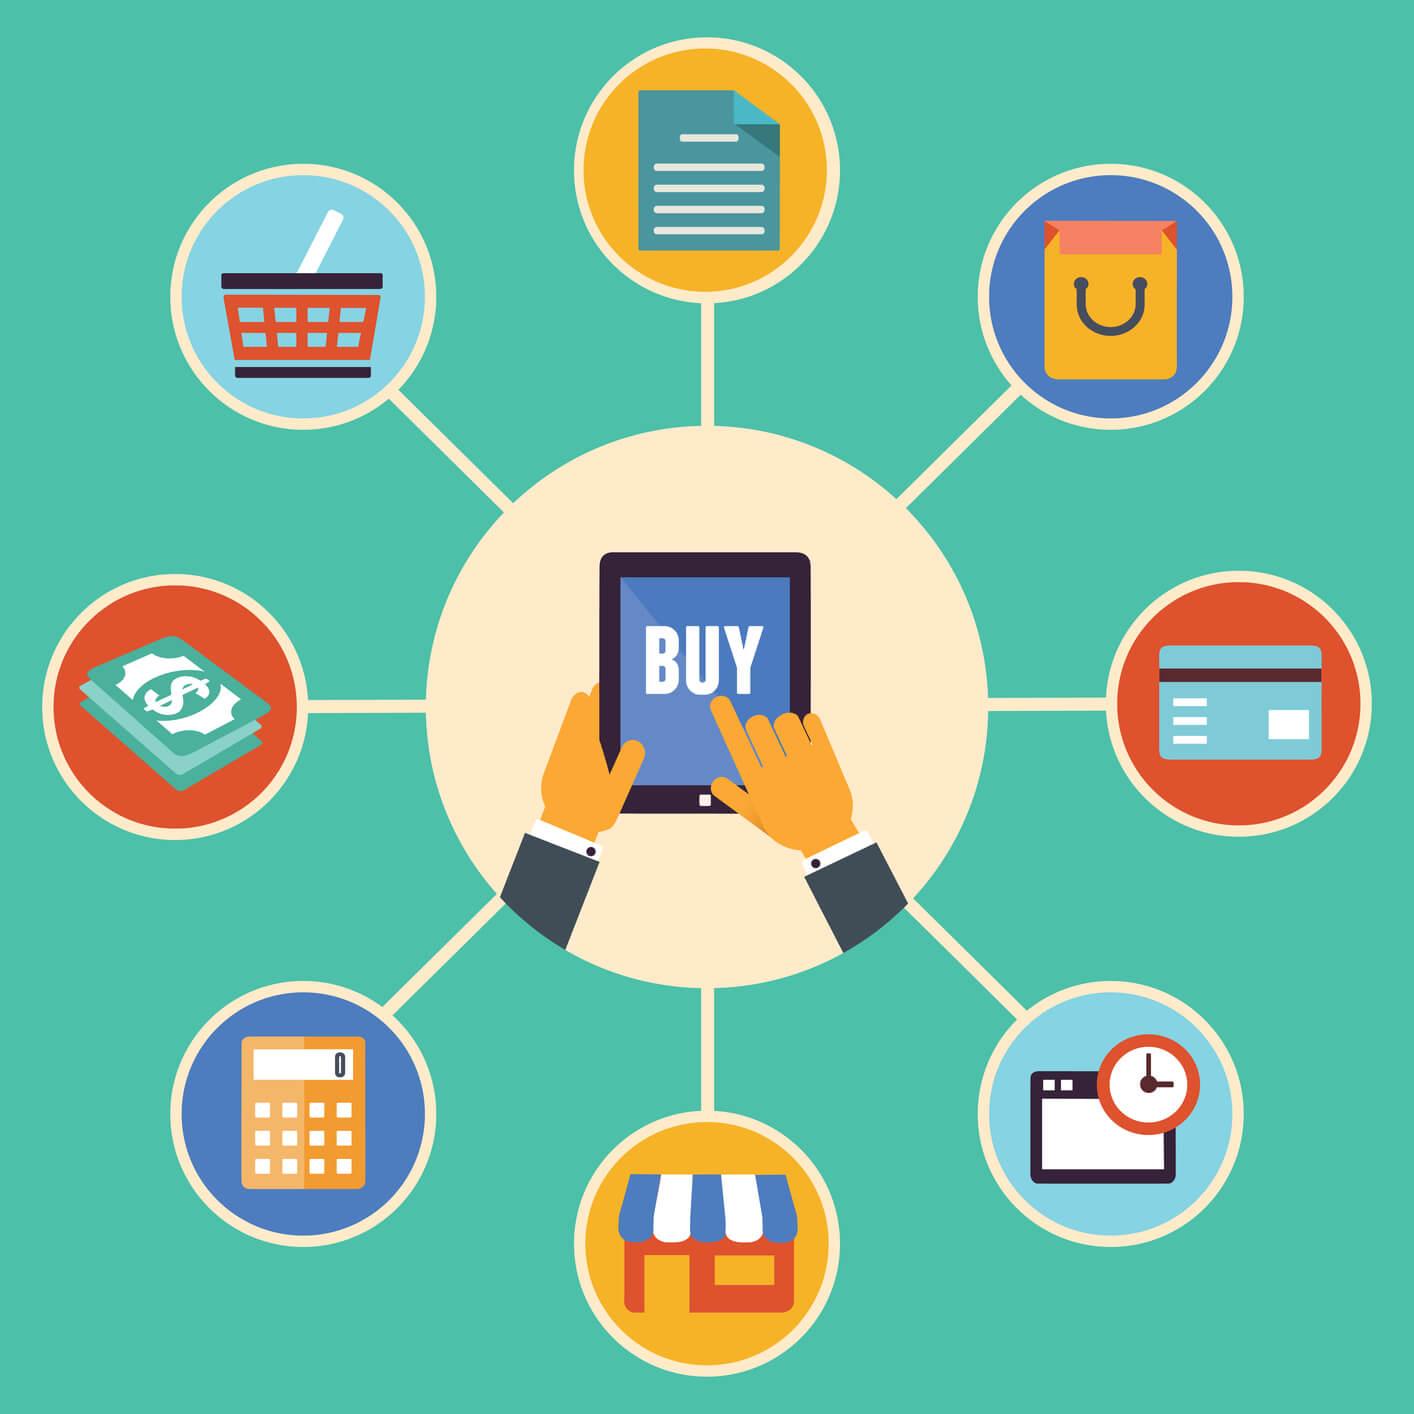 Tiếp cận khách hàng tốt hơn với website bán hàng chuẩn SEO